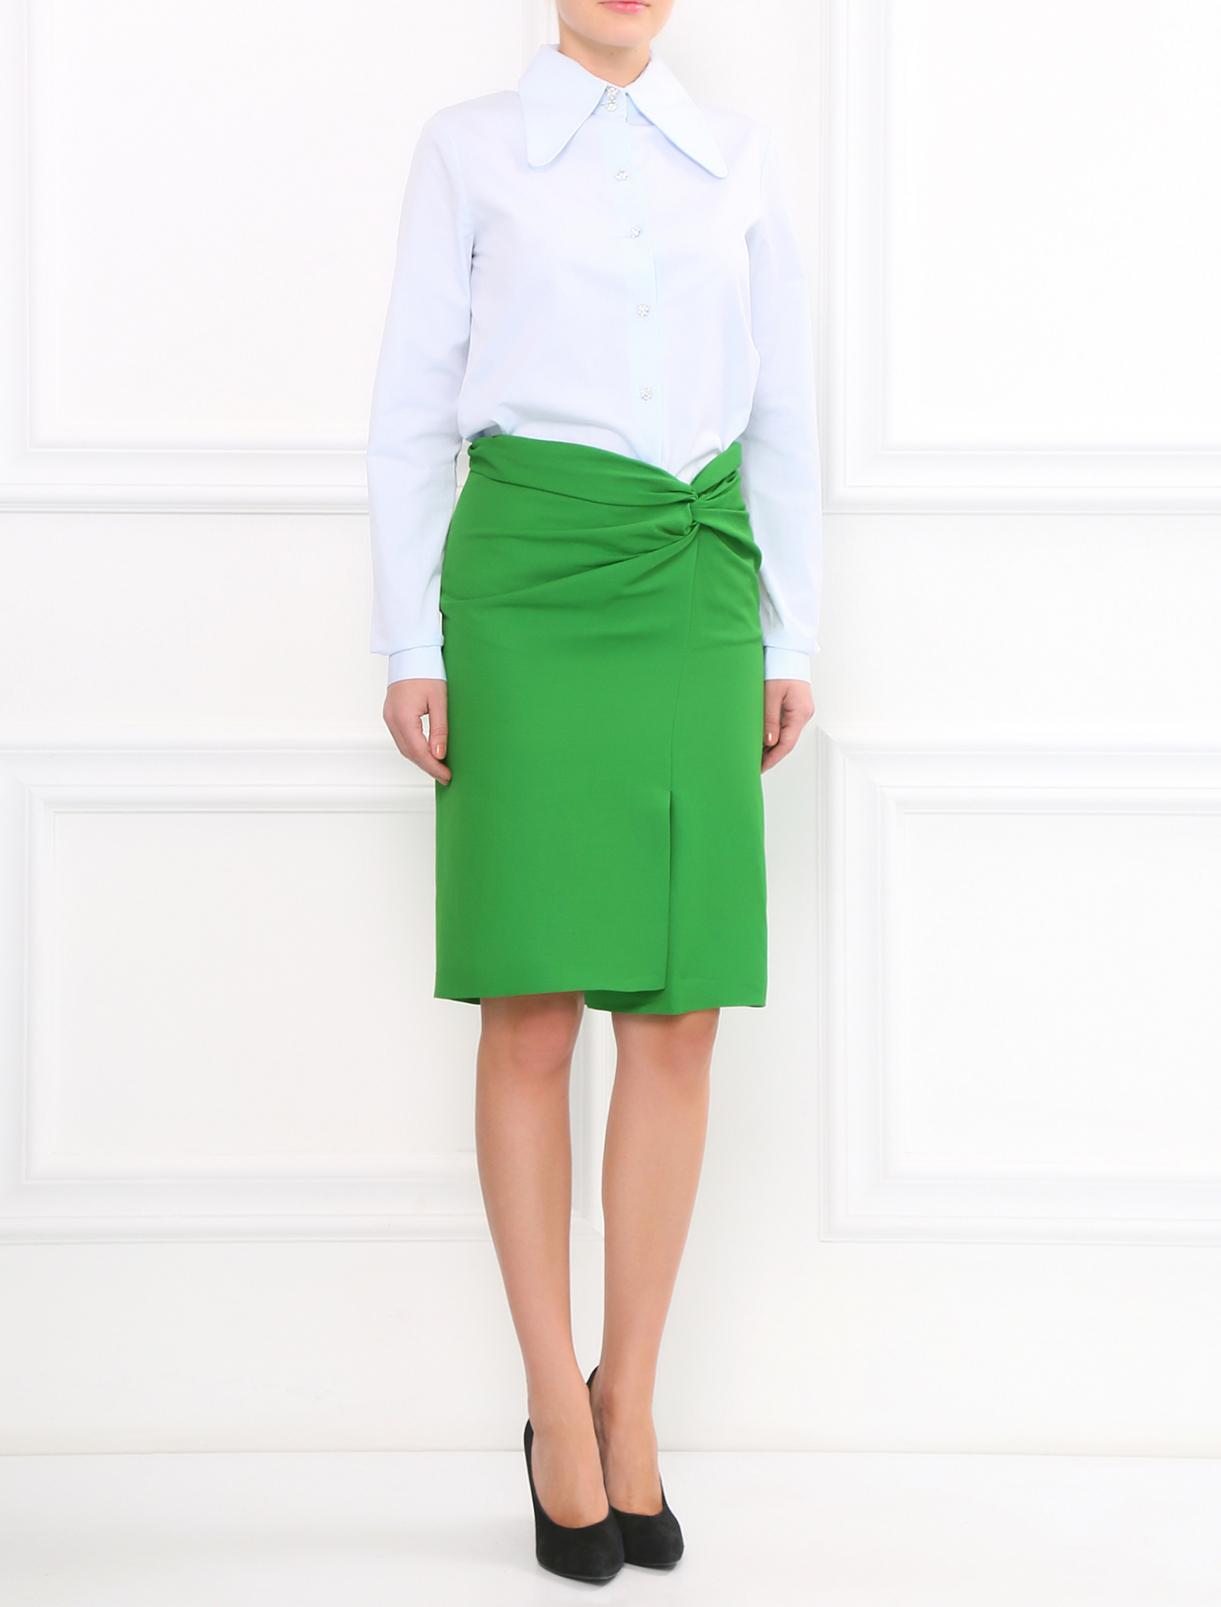 Юбка-миди с драпировкой Cedric Charlier  –  Модель Общий вид  – Цвет:  Зеленый